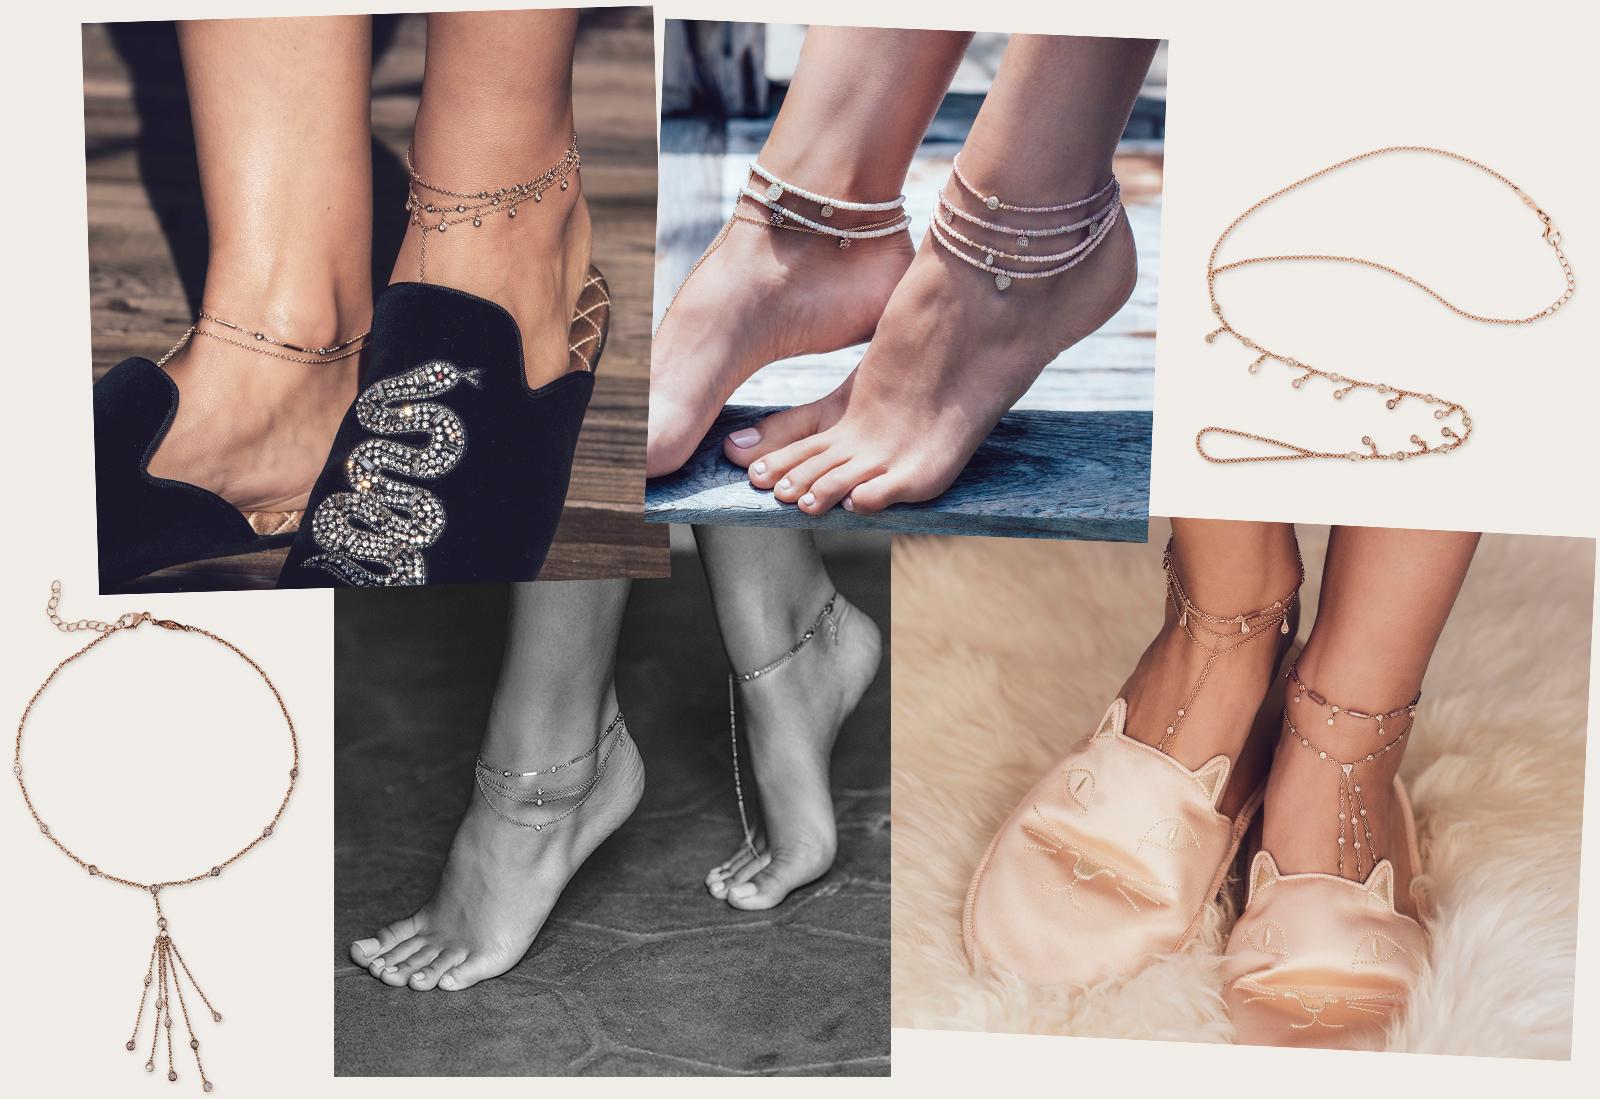 03vday-giftguide-anklets.png